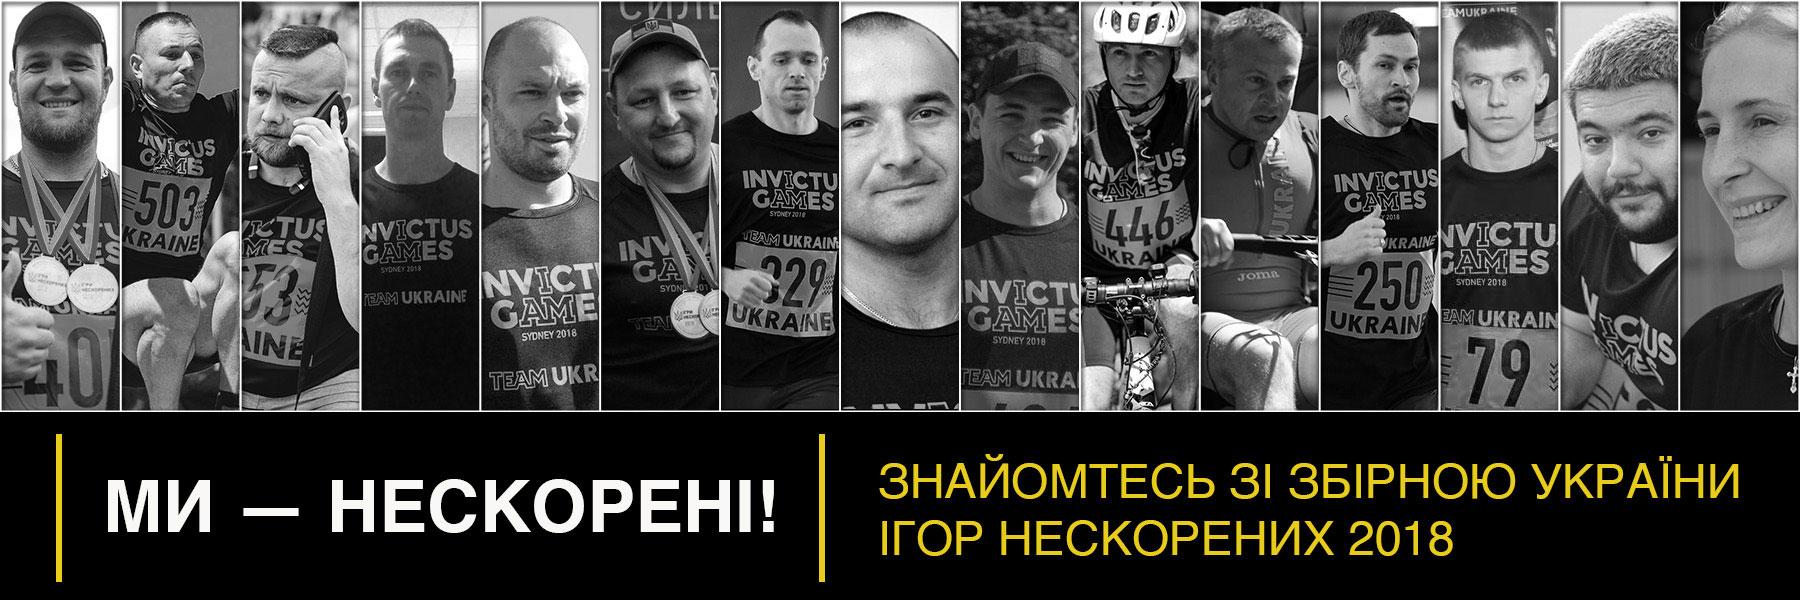 Збірну України Ігор Нескорених 2018 року обрано!